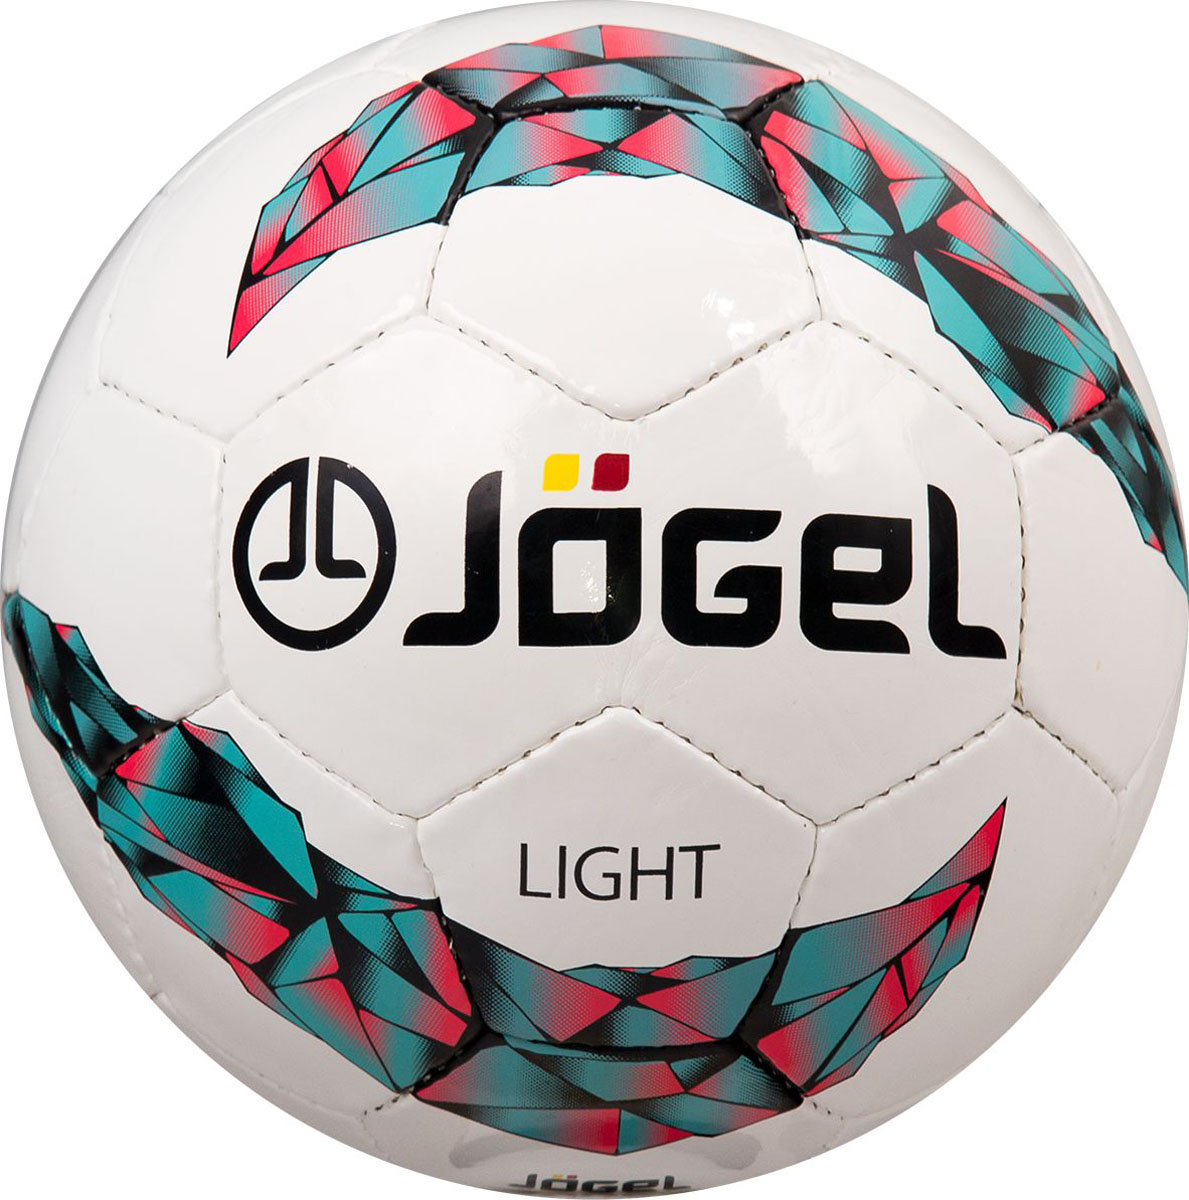 Мяч футбольный Jogel Light, цвет: белый. Размер 5. JS-550УТ-00009688Название: Мяч футбольный Jgel JS-550 Light №5Категория: Тренировочный мячКоллекция: 2016/2017Описание: Jogel JS-550 Light №5 это облегченный мяч ручной сшивки, предназначенный для подростков 10-14 лет. Вес данного мяча составляет 350-370 гр., что меньше веса стандартного мяча размера №5 (410-450 гр.). По своим техническим характеристикам является практически полным аналогом мяча Derby. Мяч JS-550 Light рекомендован детскими тренерами и соответствует всем требованиям тренировочного процесса для игроков подросткового возраста. Поверхность мяча выполнена из глянцевой синтетической кожи (полиуретан) толщиной 1,0 мм. Мяч имеет 3 подкладочных слоя на нетканой основе (смесь хлопка с полиэстером) и оснащен латексной камерой с бутиловым ниппелем, обеспечивающим долгое сохранение воздуха в камере.Уникальной особенностью, характерной для бренда Jogel, является традиционная конструкция мячей из 30 панелей. Привлекательный дизайн Коллекции 2016/2017 ярко выделяет мячи Jogel на витрине. Данный мяч подходит для поставок на гос. тендеры. При производстве мячей Jogel не используется детский труд. Официальный размер FIFA.Рекомендованные покрытия: натуральный газон, синтетическая трава, резина, гаревые поля, паркетМатериал поверхности: Синтетическая кожа (полиуретан) толщиной 1,0 ммМатериал камеры: ЛатексТип соединения панелей: Ручная сшивкаКоличество подкладочных слоев: 3Количество панелей: 30Размер: 5Вес: 350-370 гр.Длина окружности: 68-70 смРекомендованное давление: 0.4-0.6 барОсновной цвет: белыйДополнительный цвет: мятный, коралловый, черныйБренд: JogelСтрана бренда: ГерманияПроизводство:Пакистан